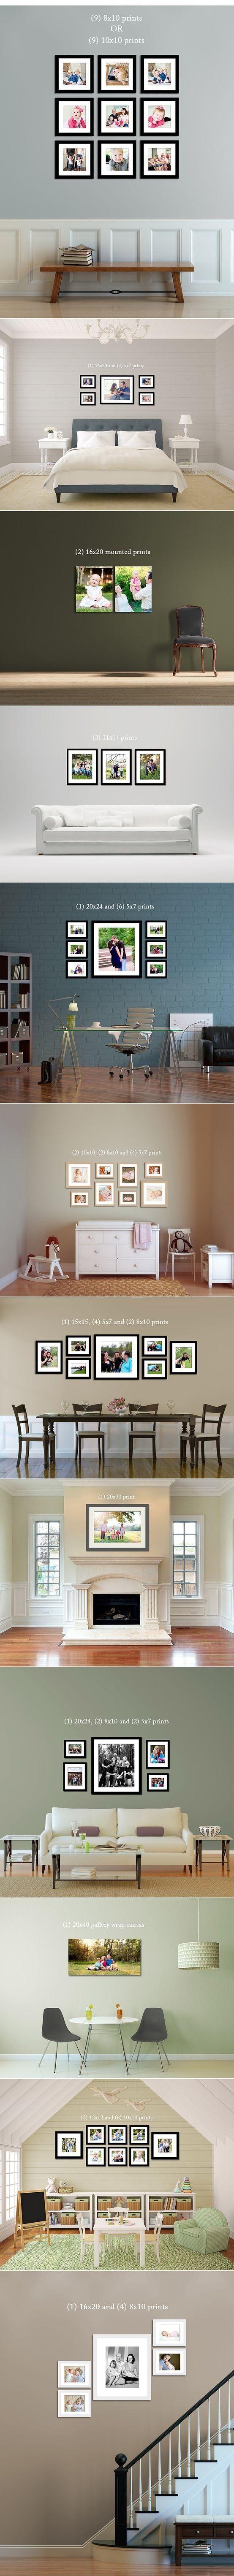 Photo wall arrangement